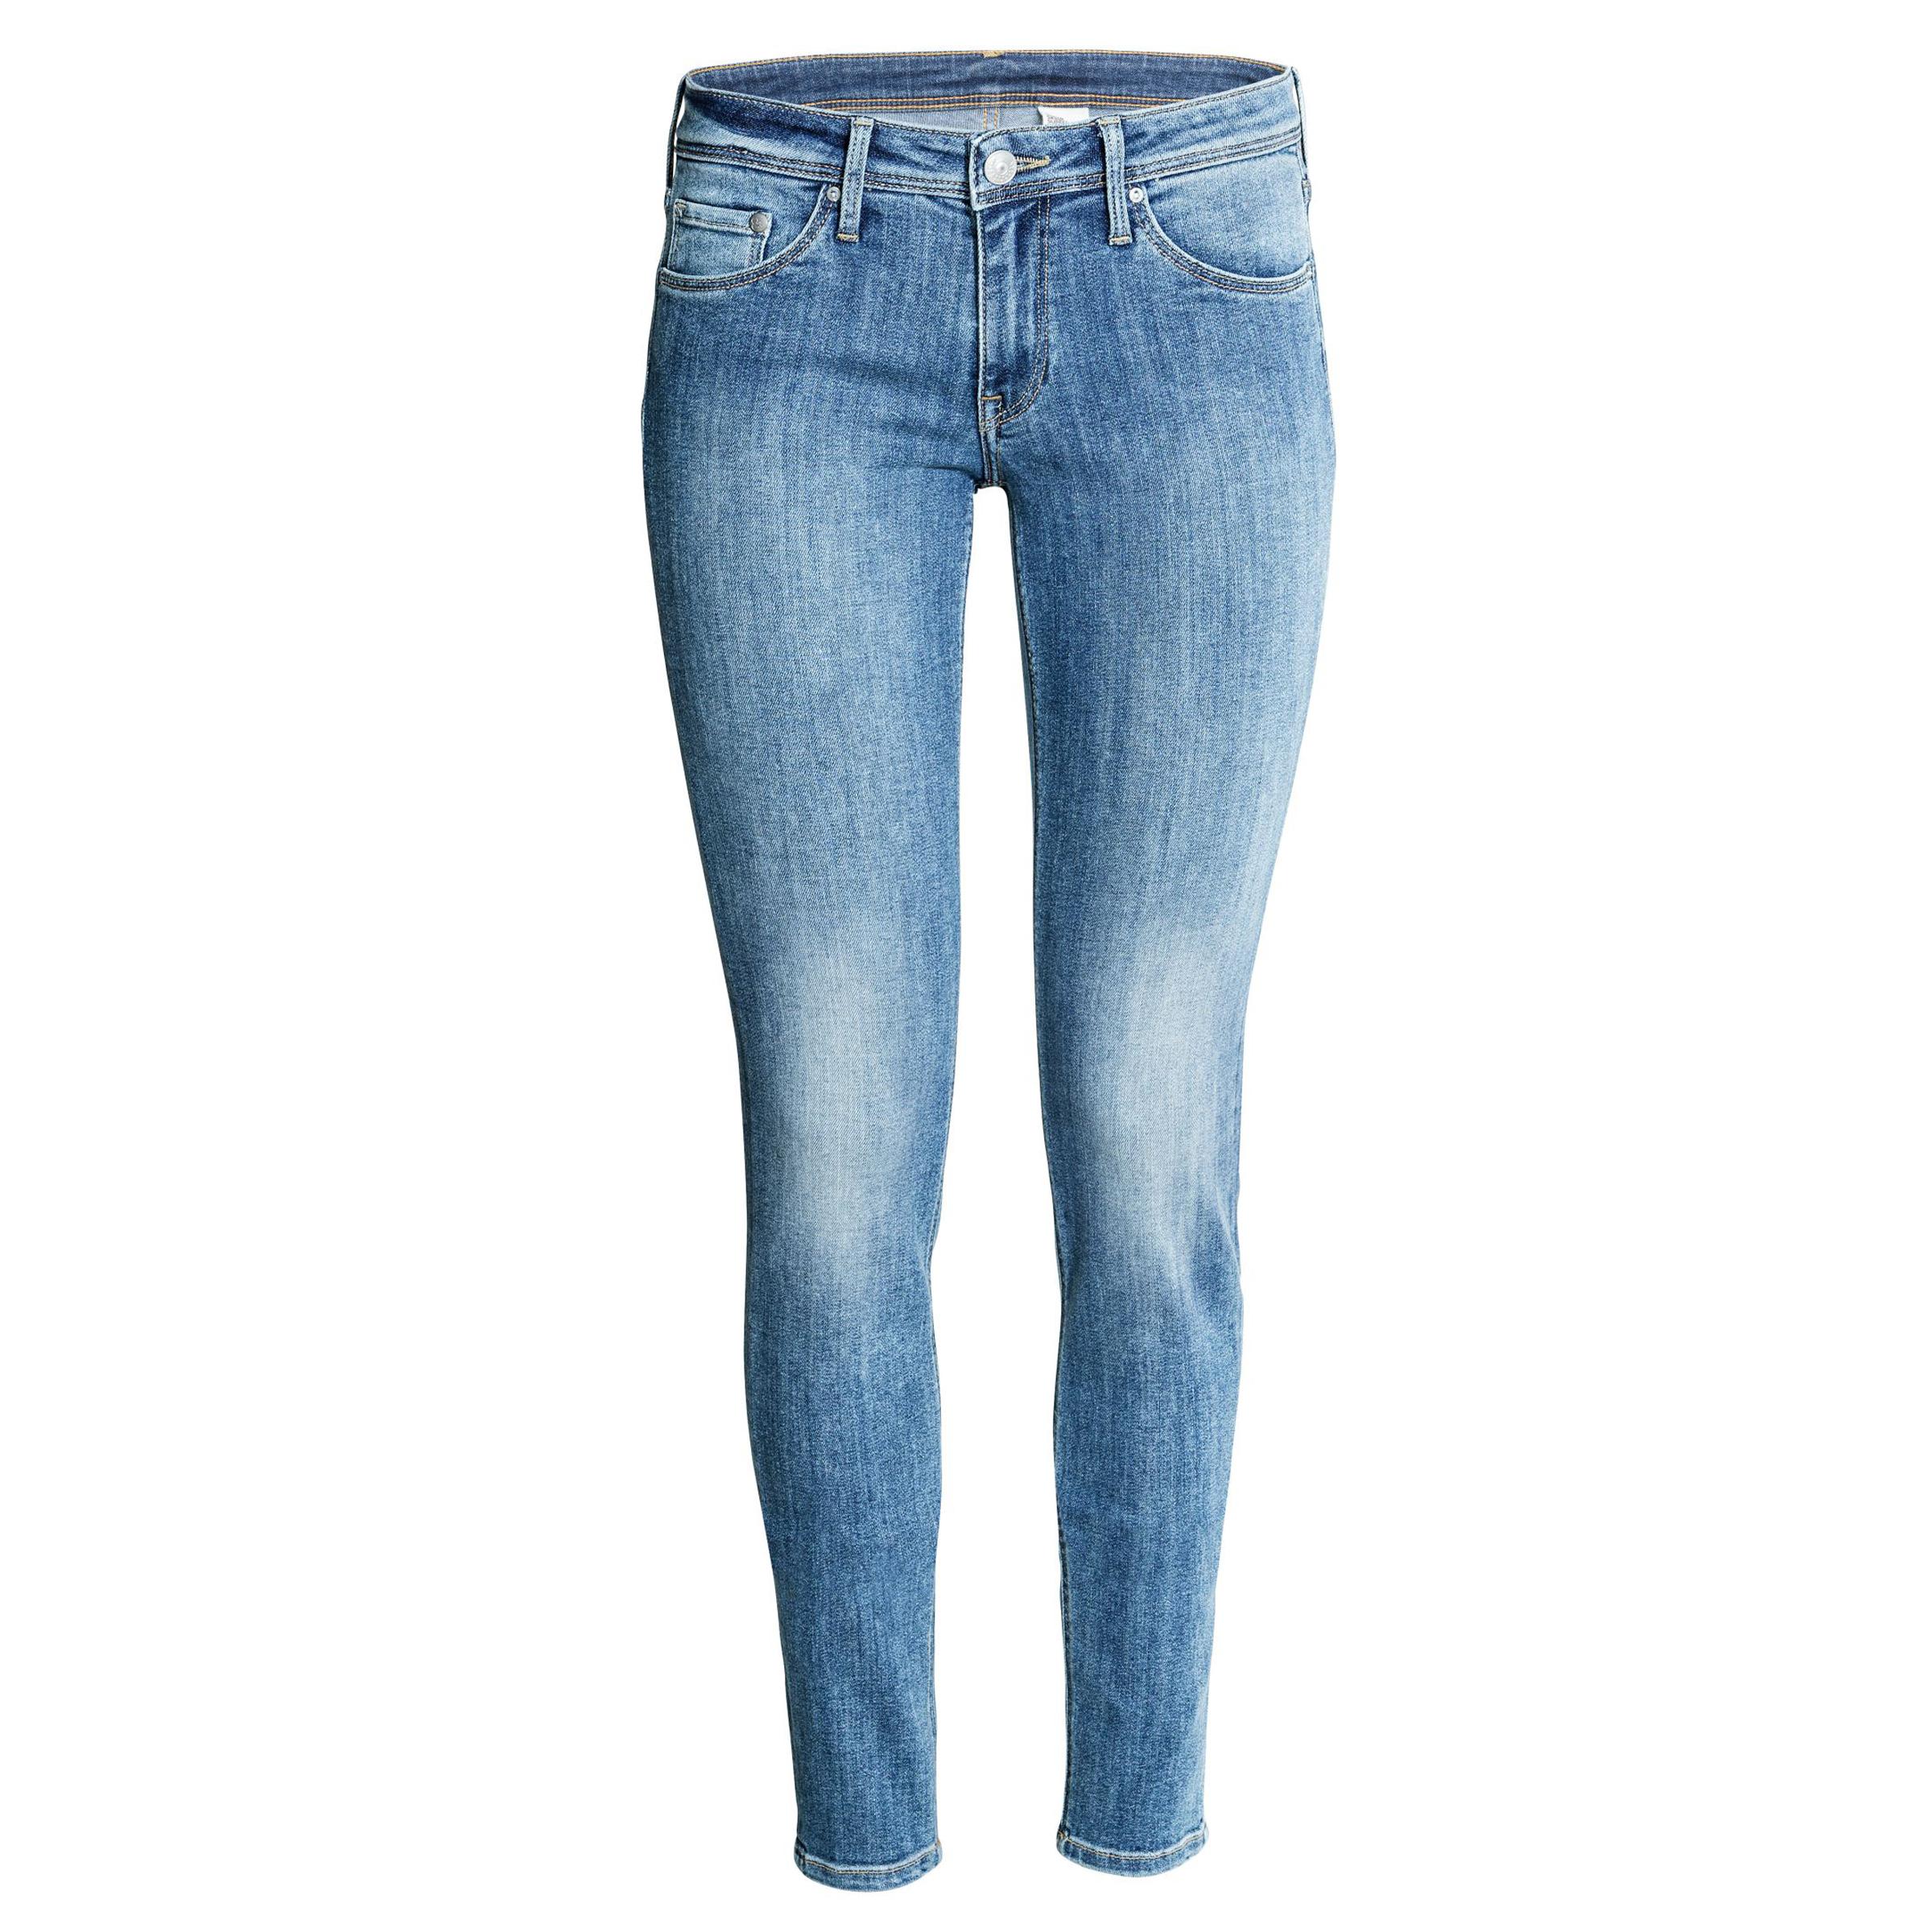 شلوار جین زنانه اچ اند ام مدل 0399087